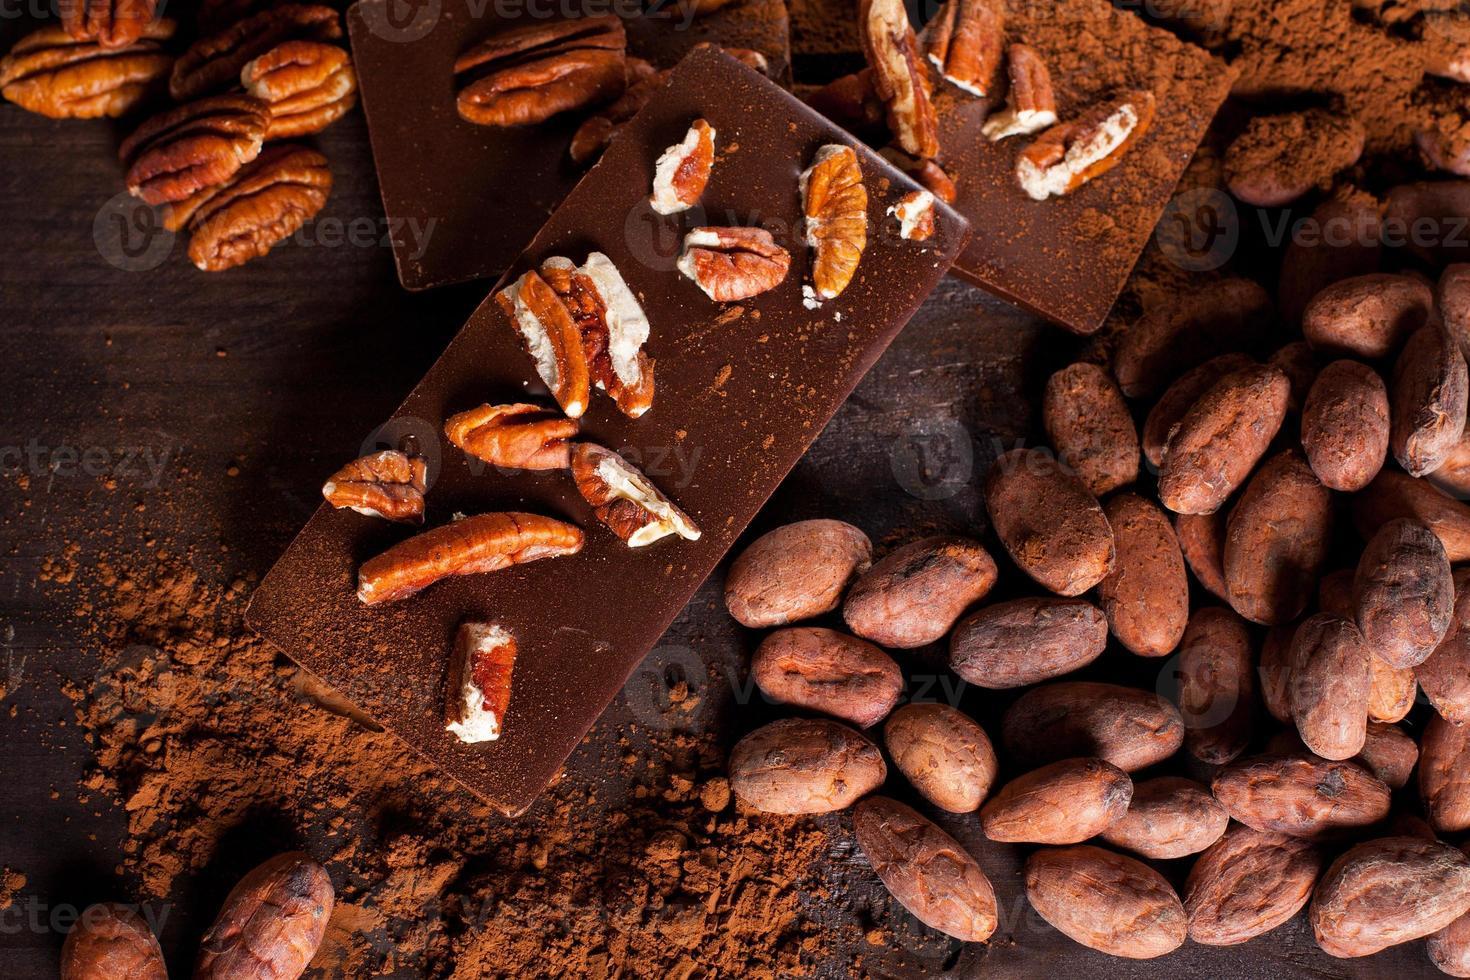 produits de chocolat. photo